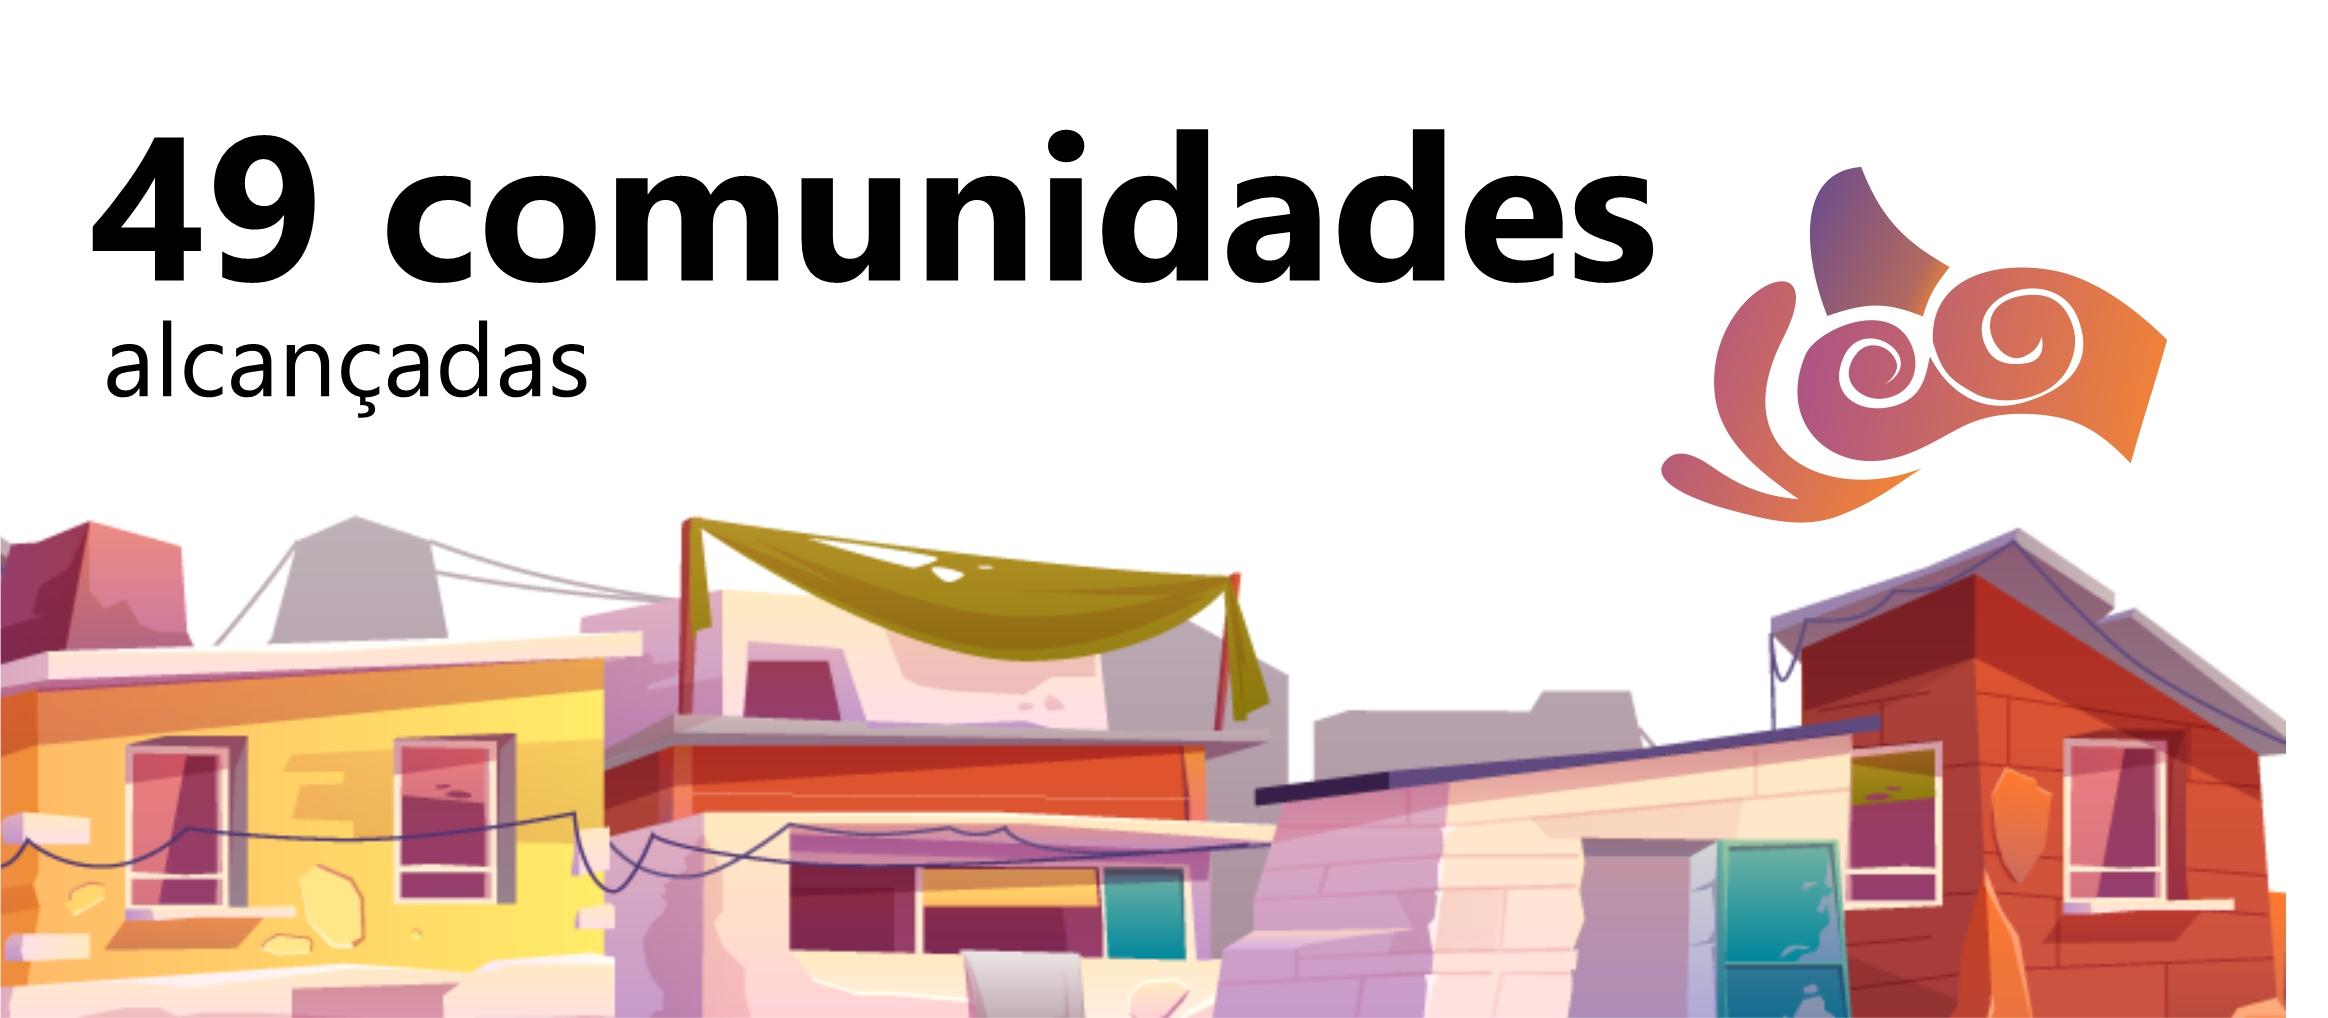 49 comunidades alcançadas